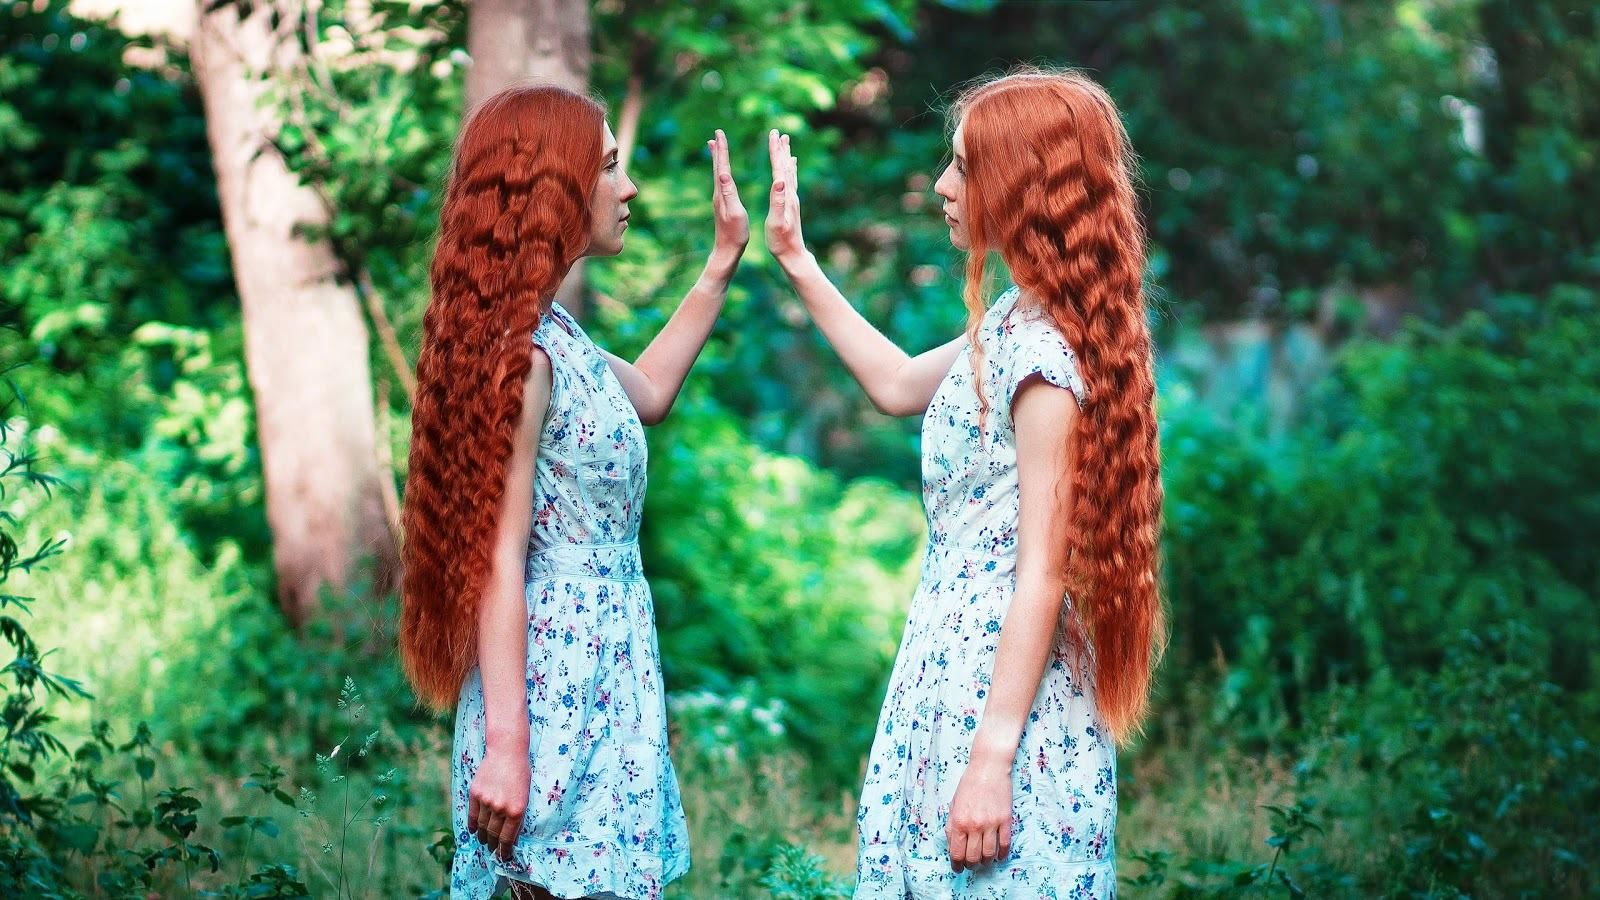 Рыжеволосые: интересные особенности внешности и характера